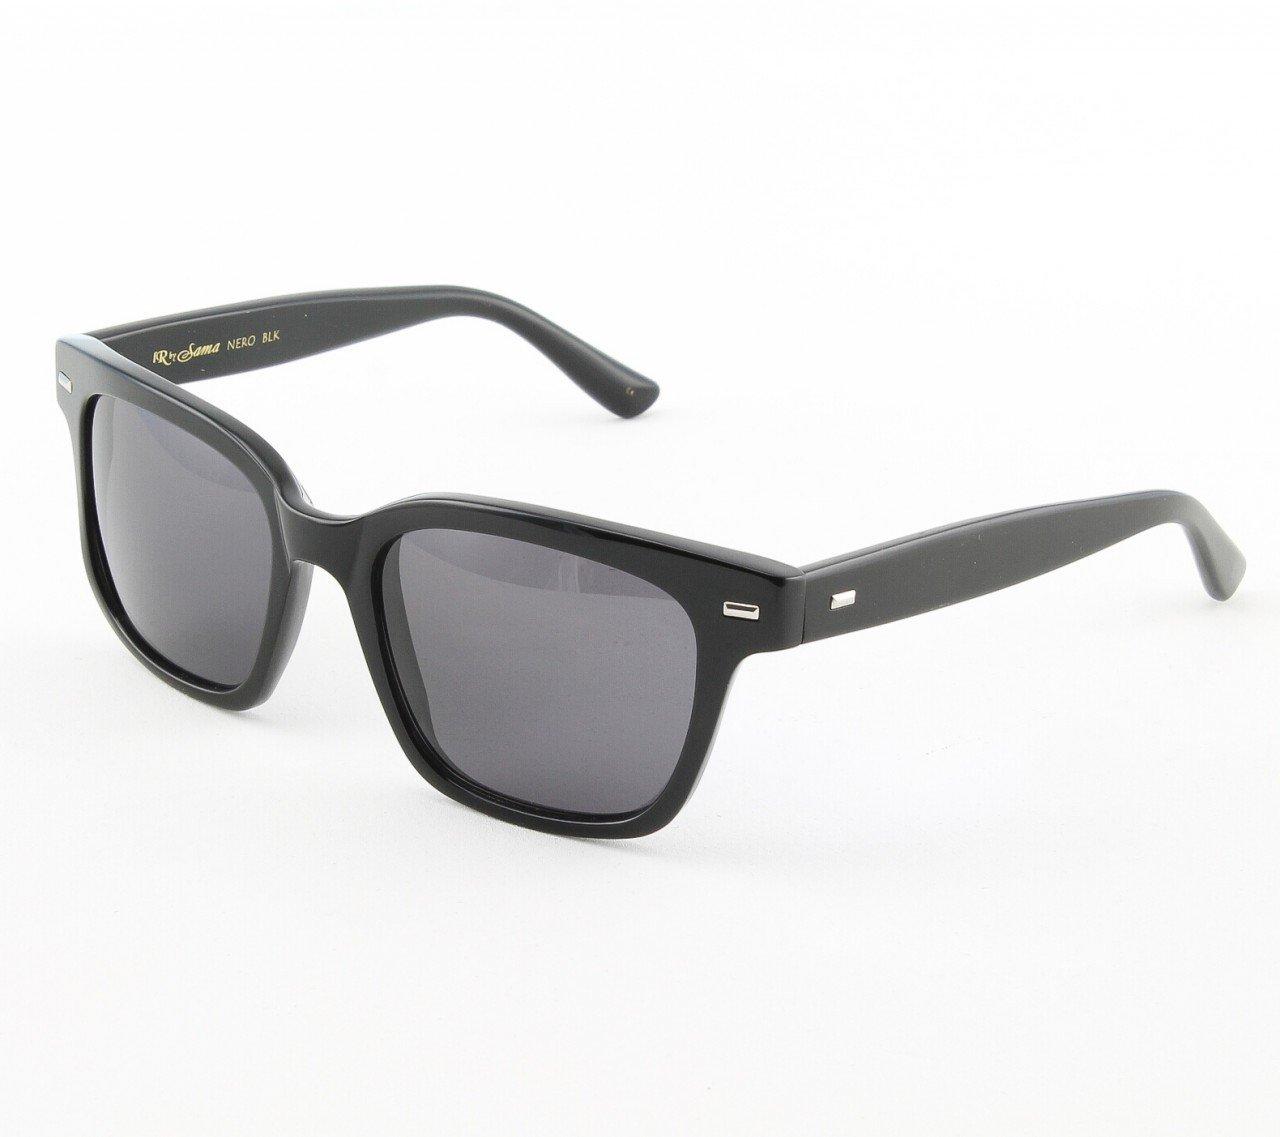 Loree Rodkin Nero Sunglasses by Sama Col. Black with Gray Lenses